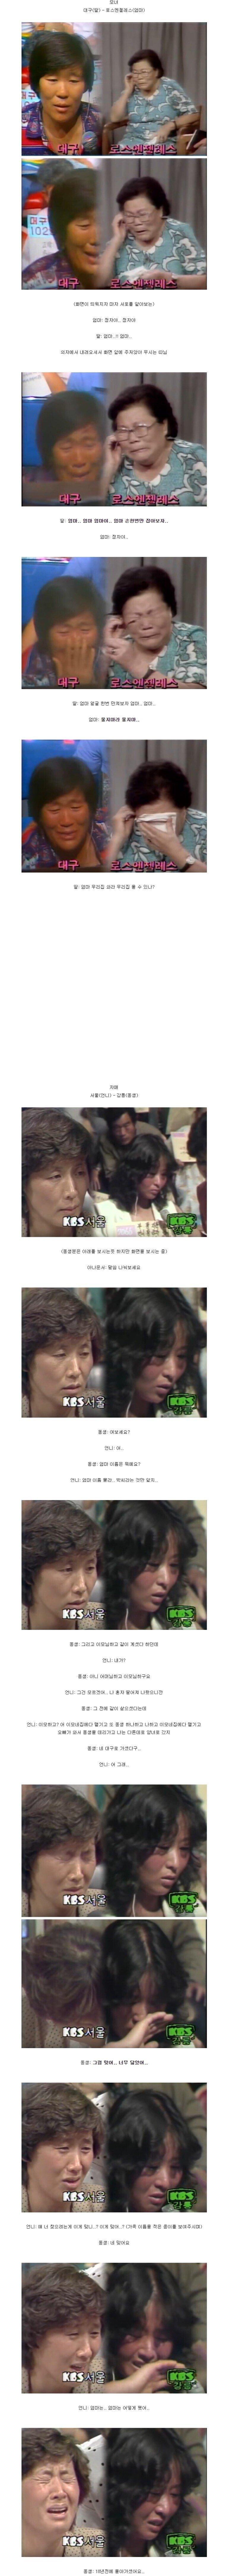 pic_005.jpg 유네스코 세계 기록 유산으로 지정된 한국 생방송.JPG